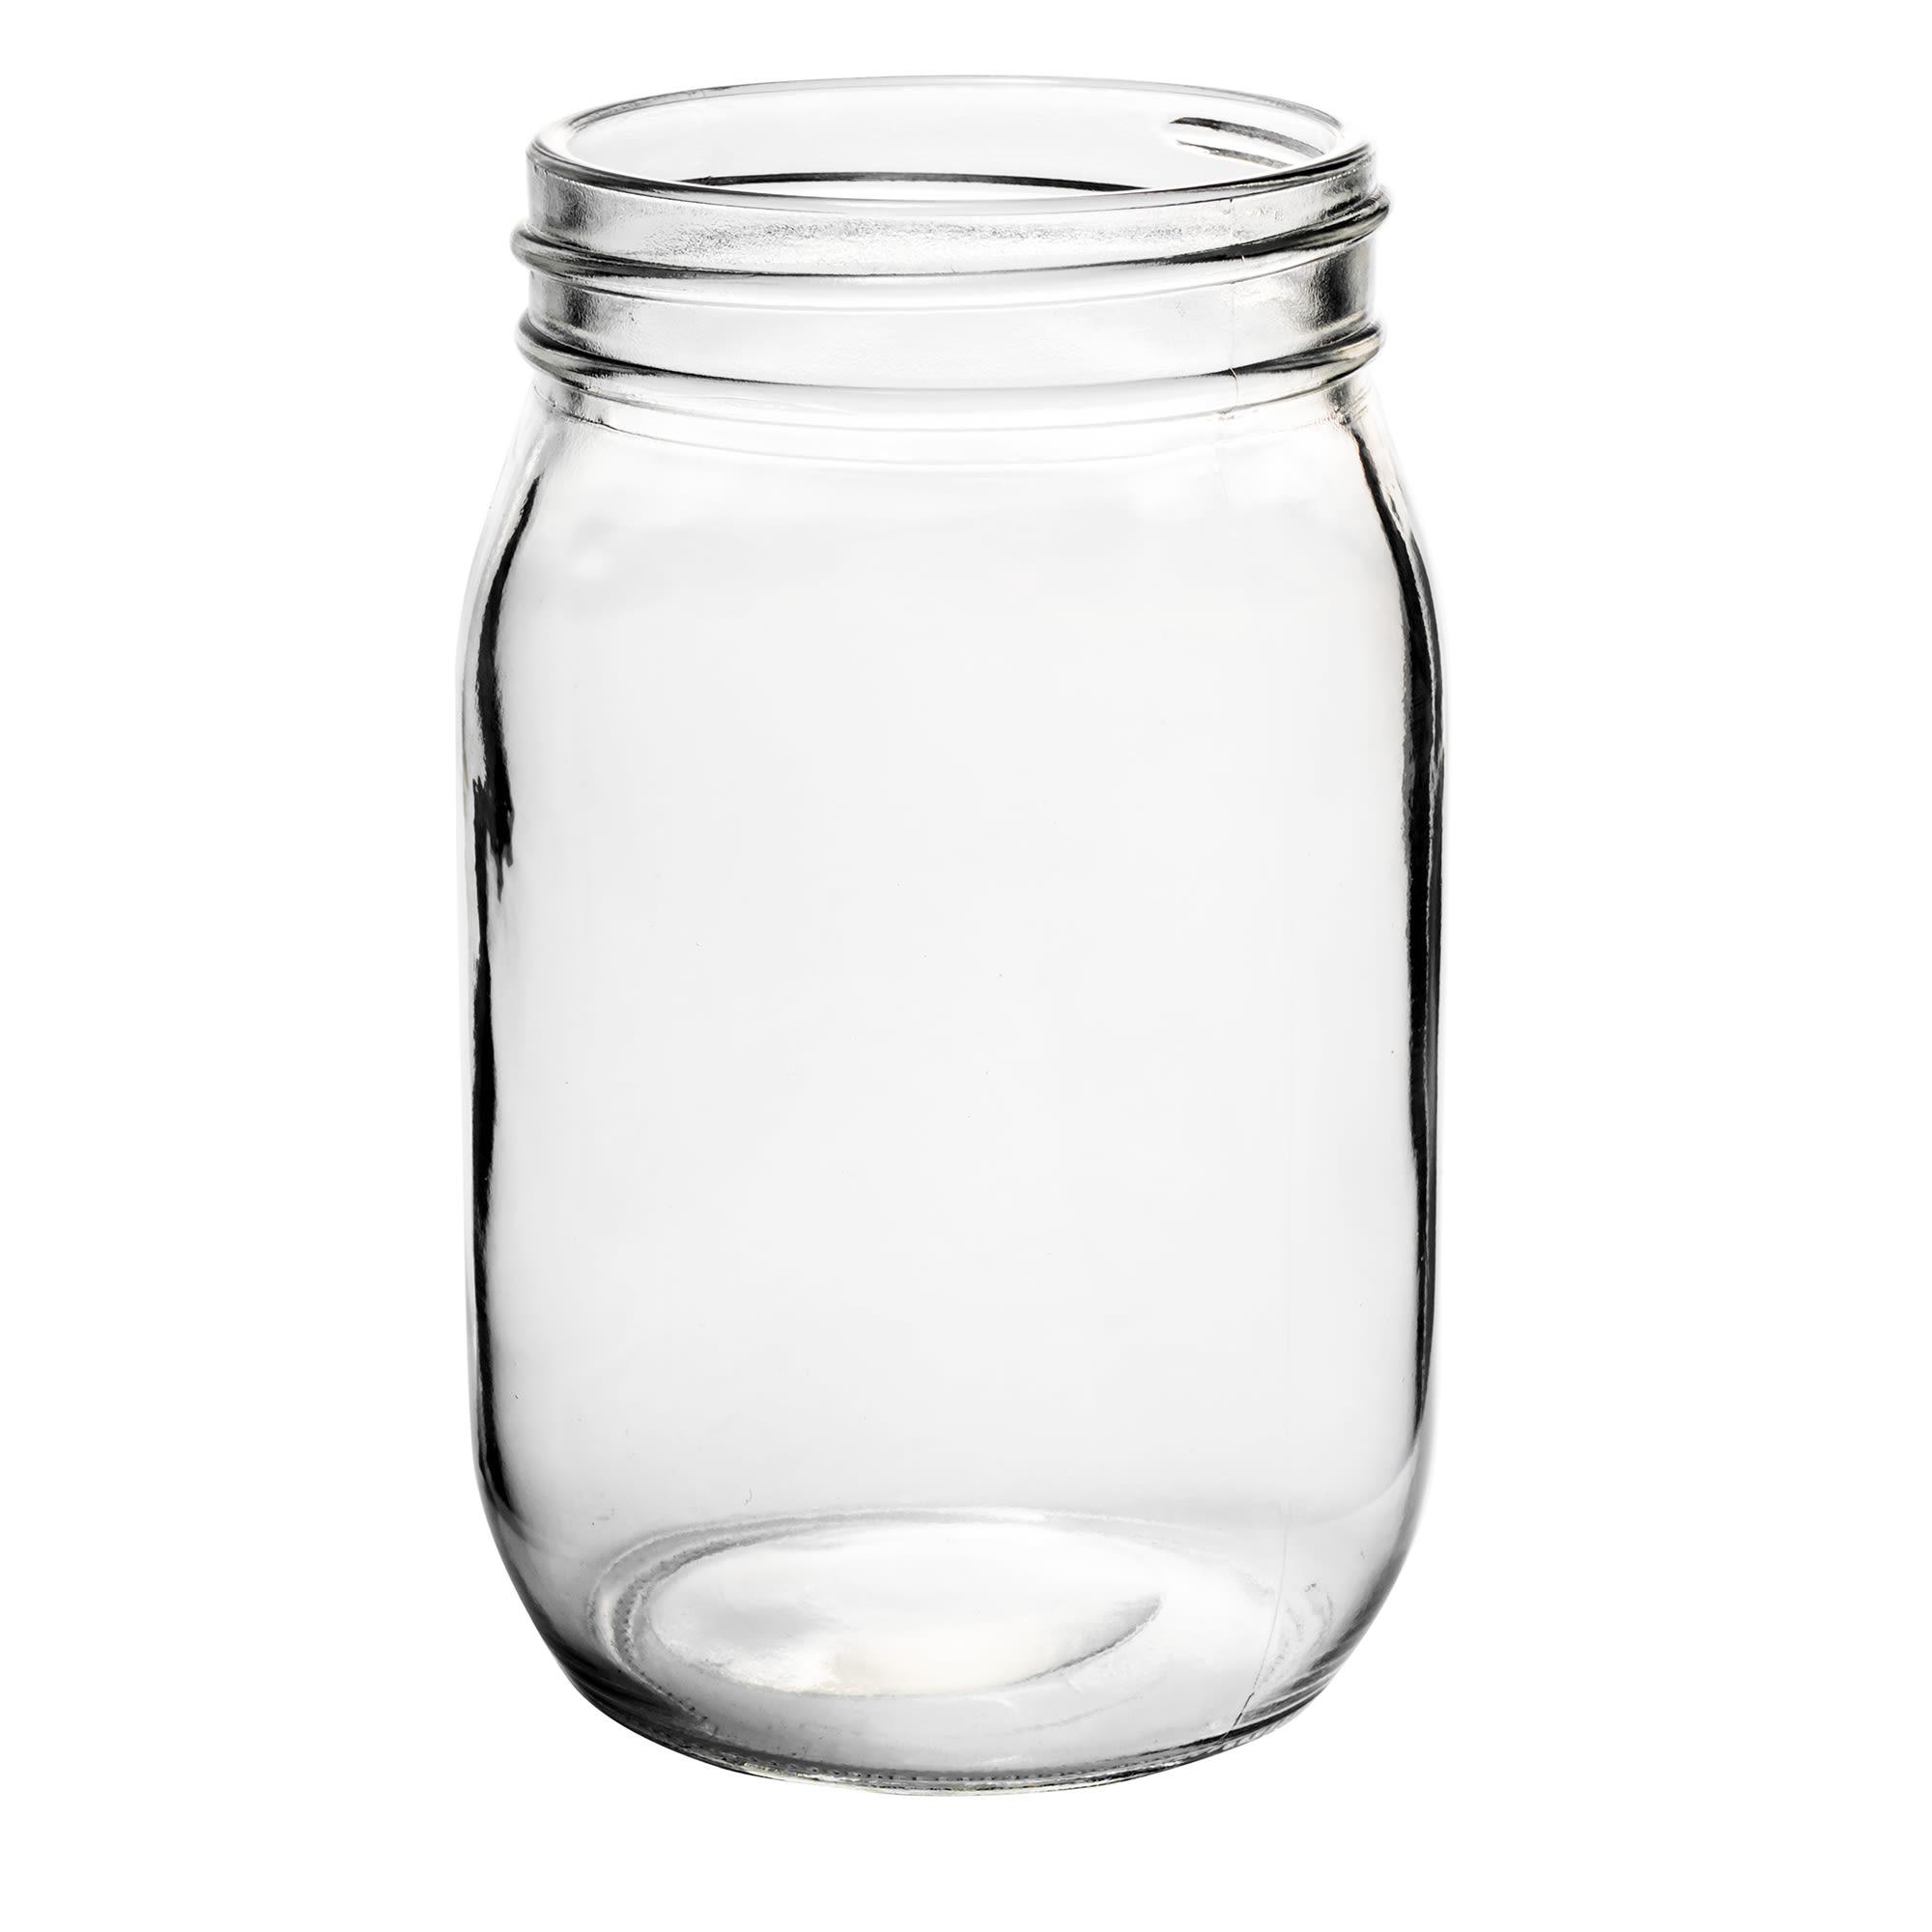 Libbey 92103 16-oz Drinking Jar